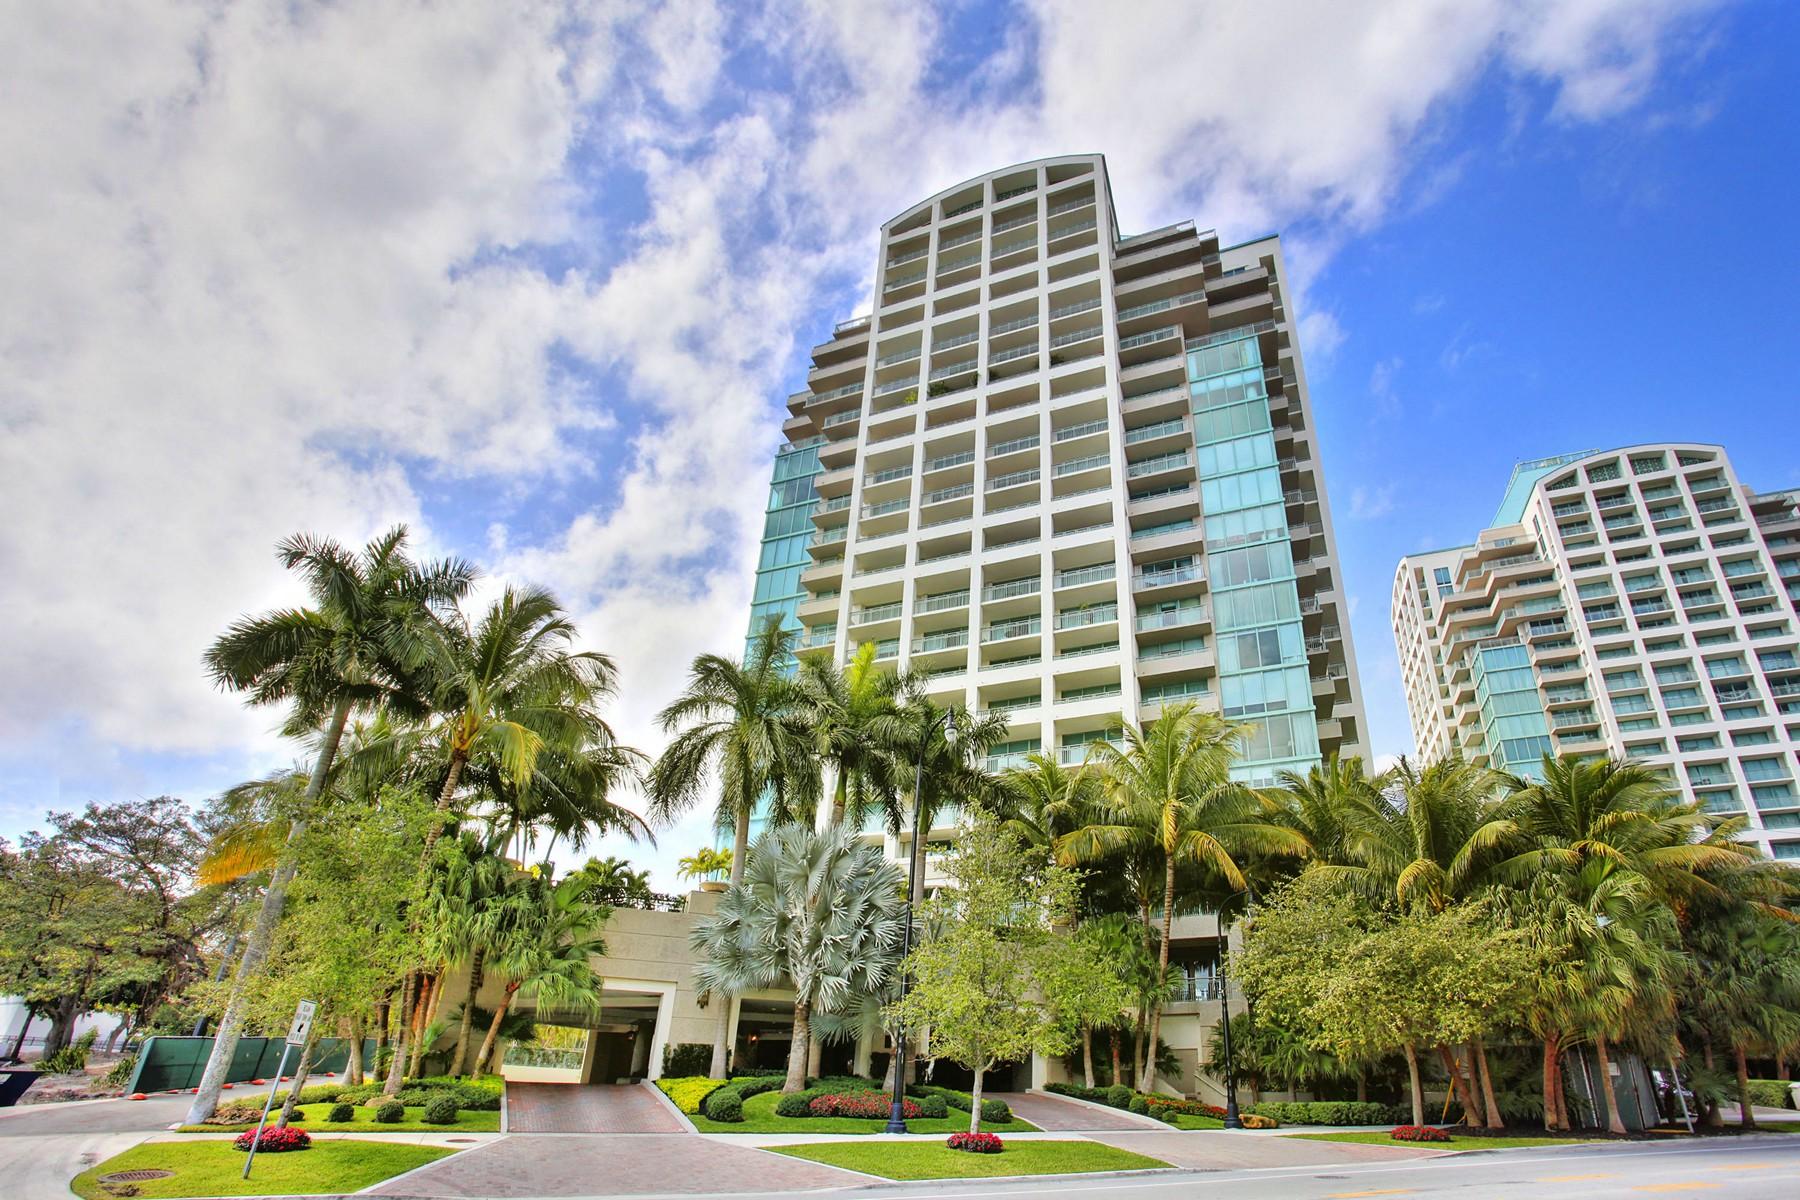 Appartement en copropriété pour l Vente à 3400 SW 27 Ave #208 3400 Sw 27 Av 208 Coconut Grove, Florida, 33133 États-Unis